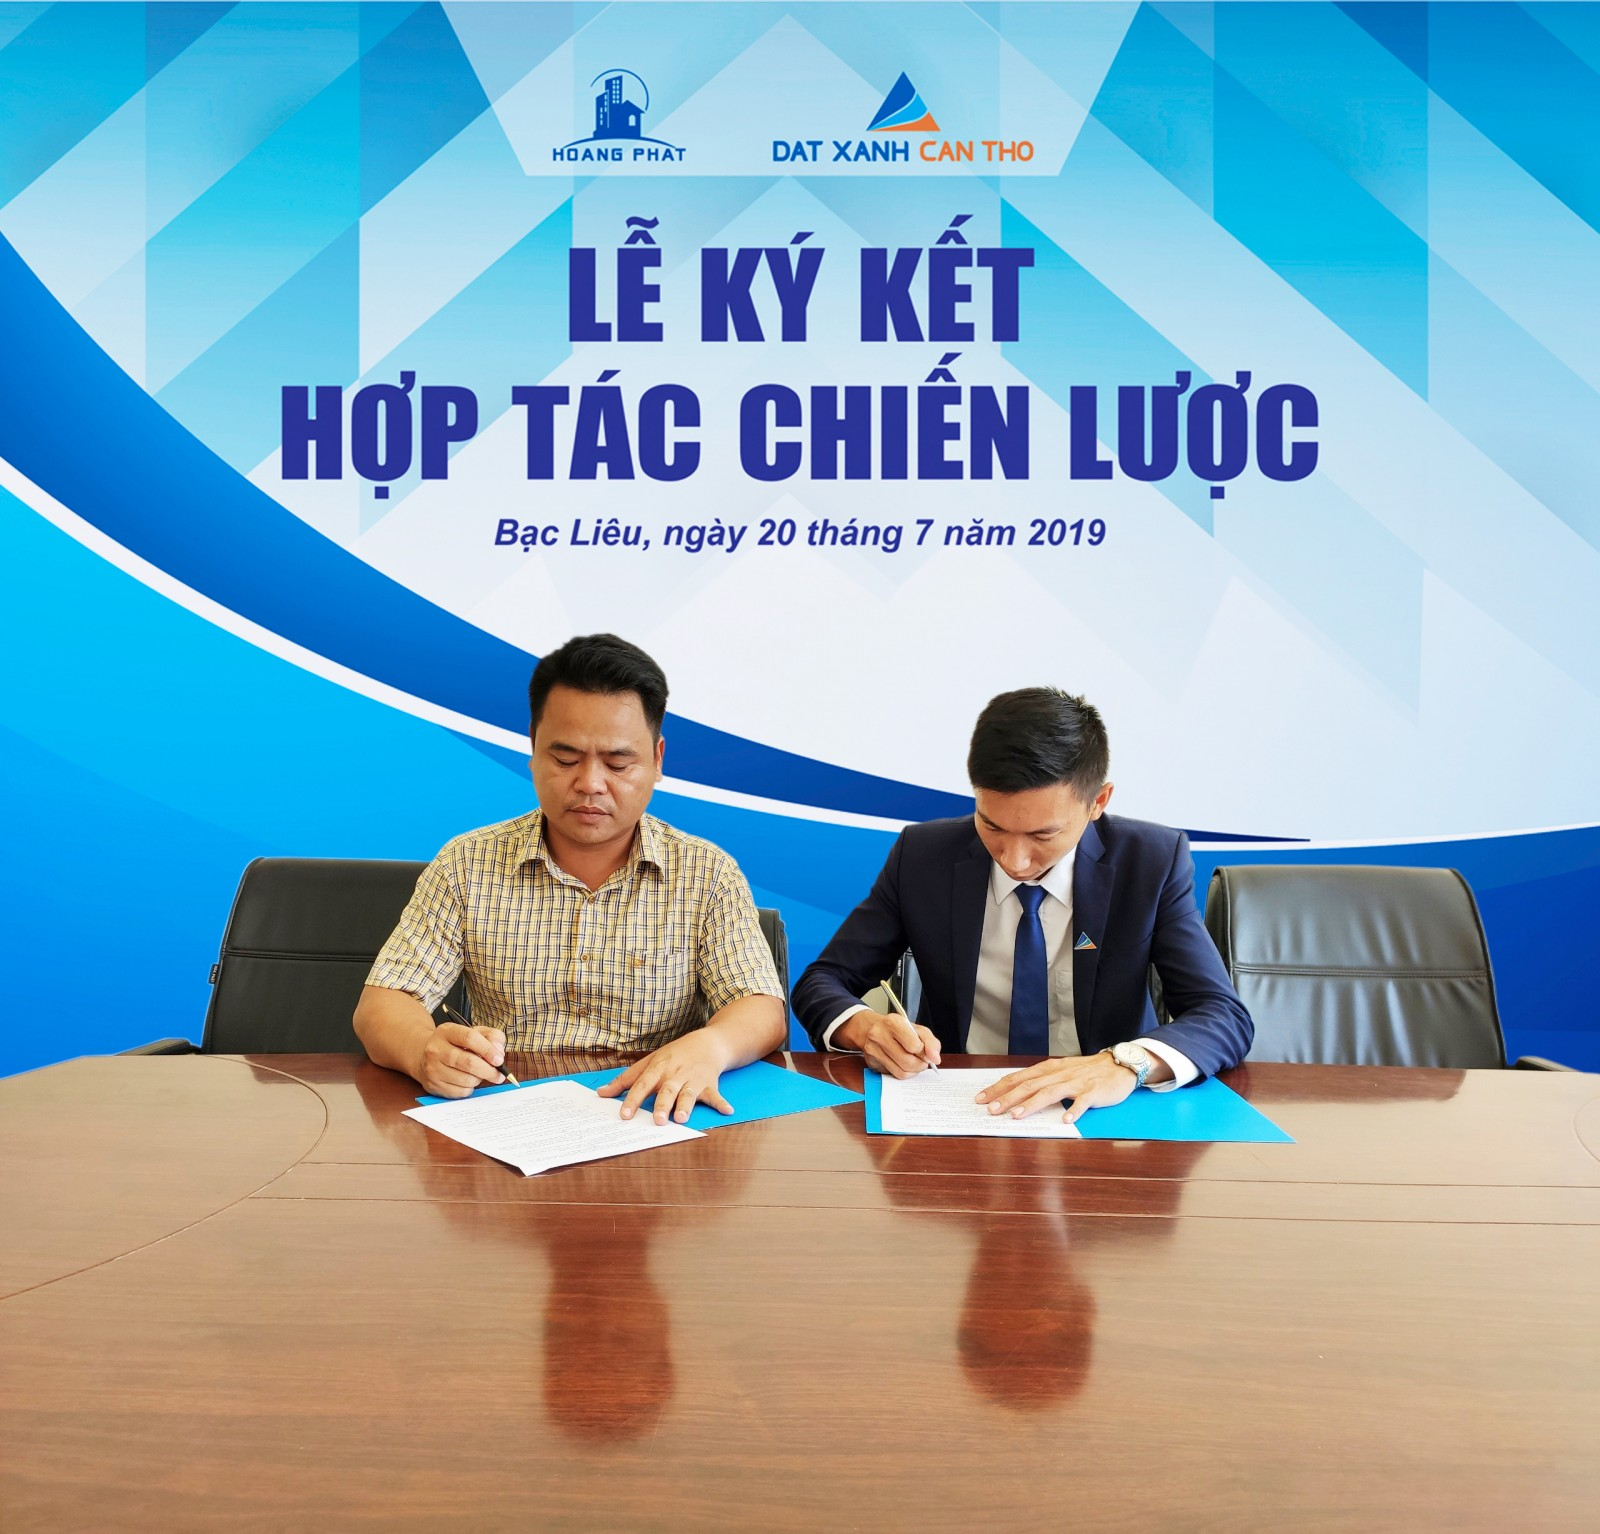 Đại diện CĐT Hoàng Phát và đại diện ĐXCT ký kết hợp tác ngày 20/7/2019